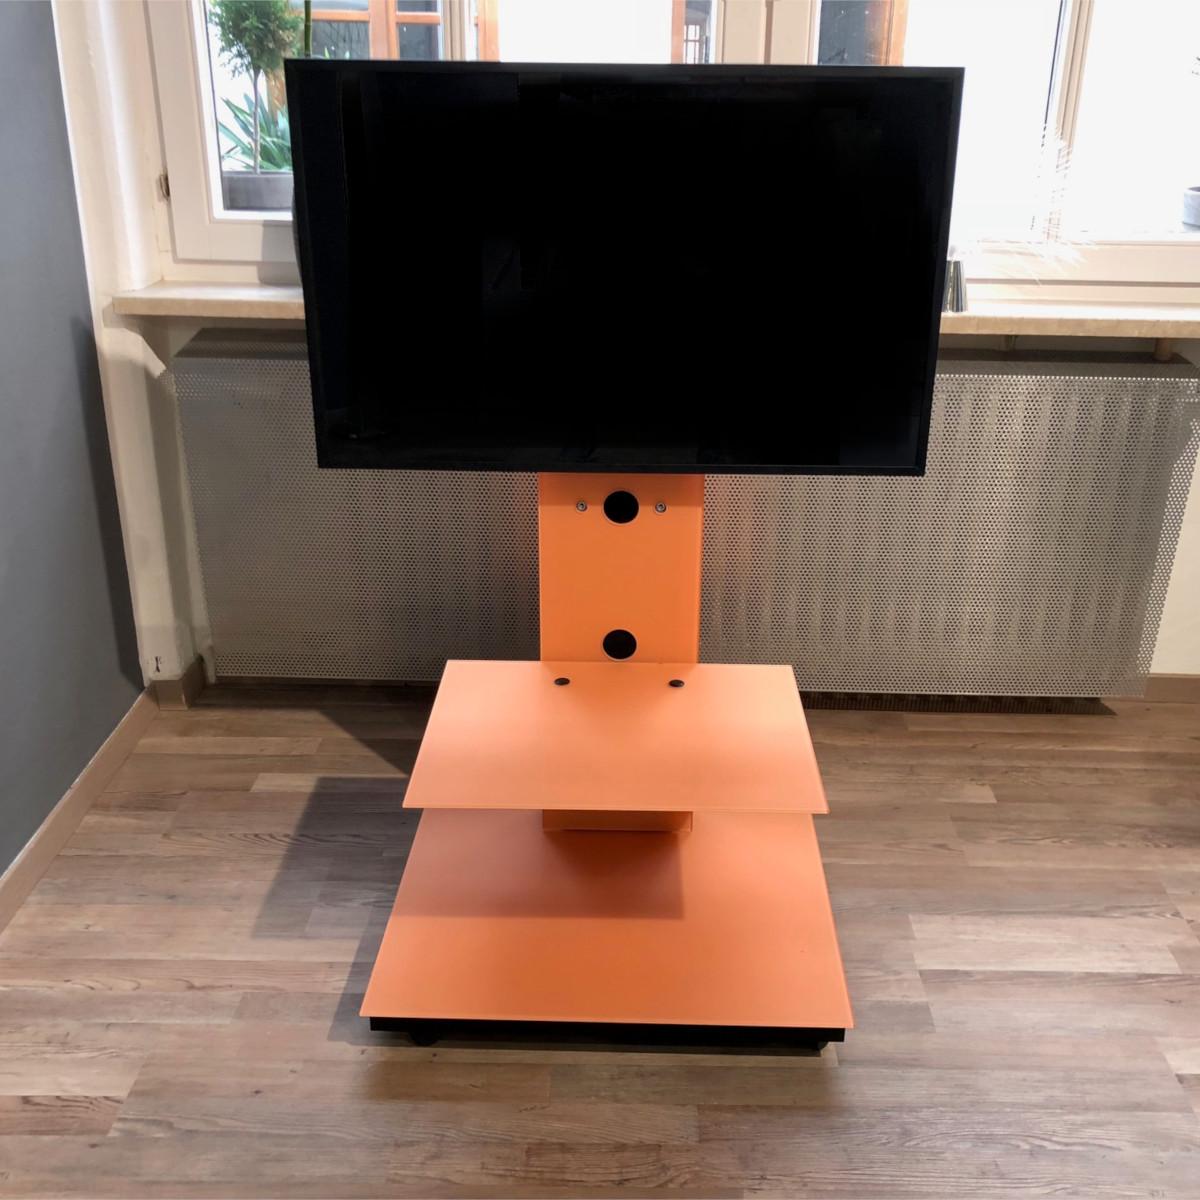 hifi tv möbel, offenes günstiges Aktionsmodell. Rollbar von Spectral.